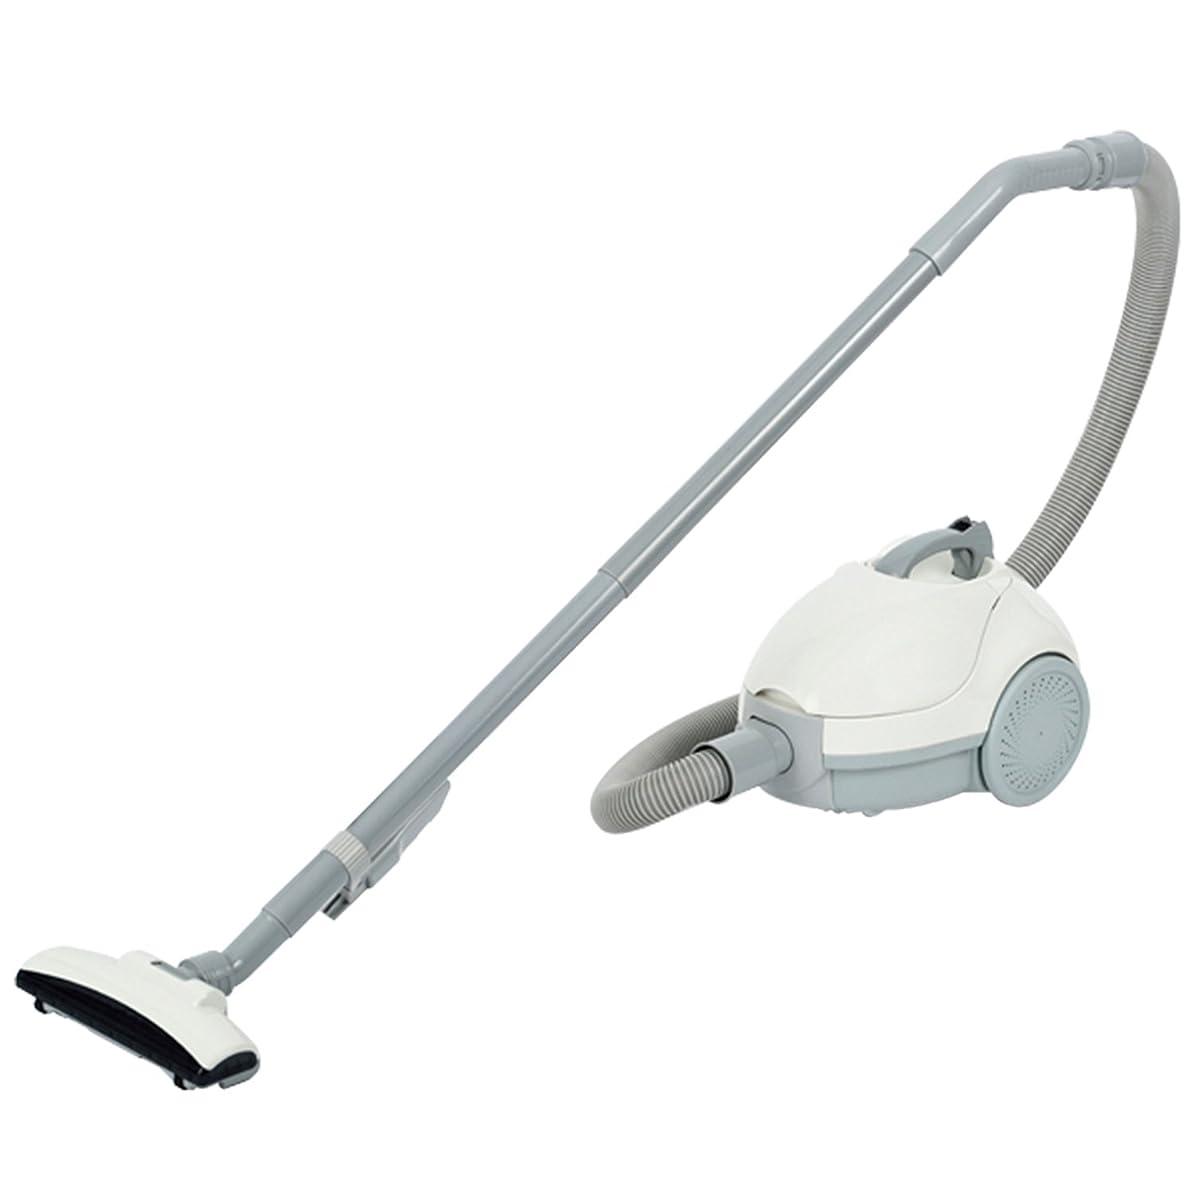 入浴保存してはいけない山善 紙パック式 掃除機 クリーナー ZKC-300(W)